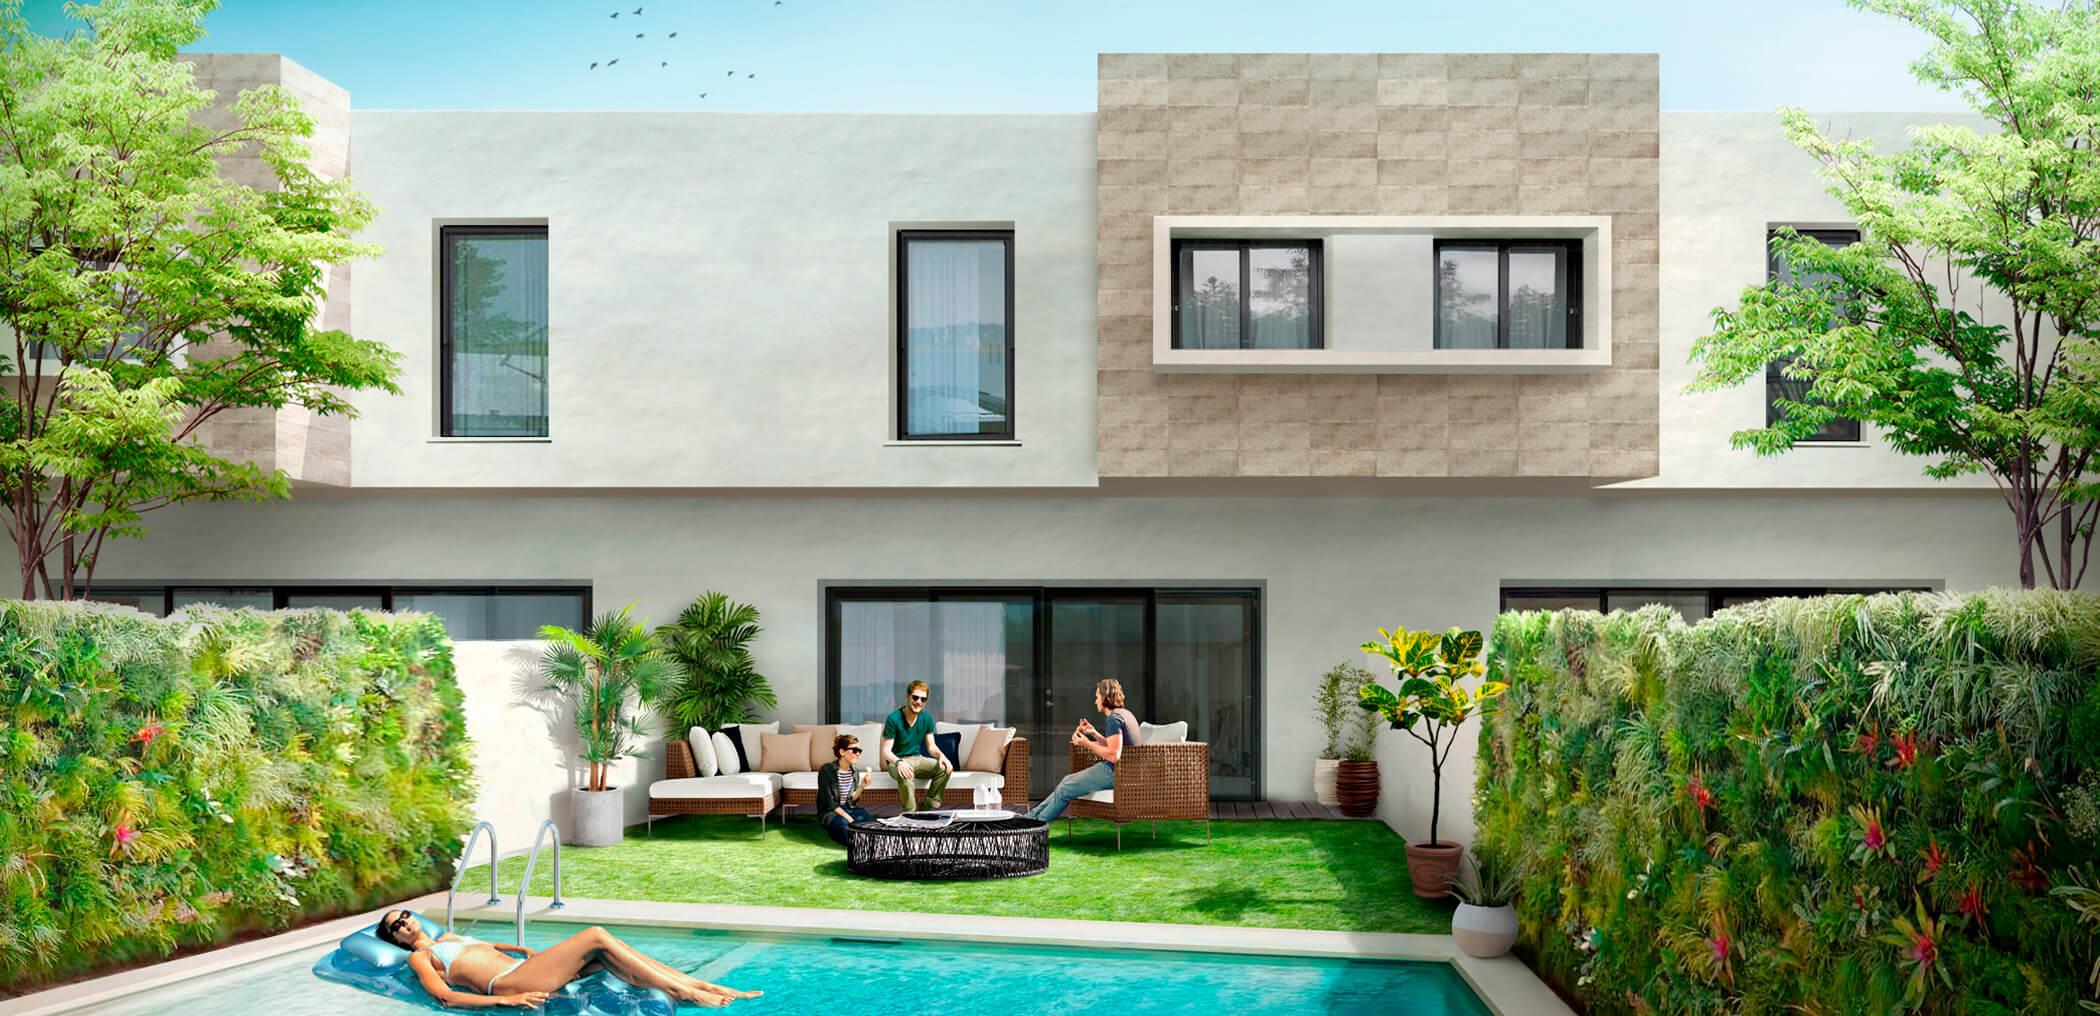 Duplex de 3 dormitorios inmobiliaria el puerto pisos - Duplex de diseno ...